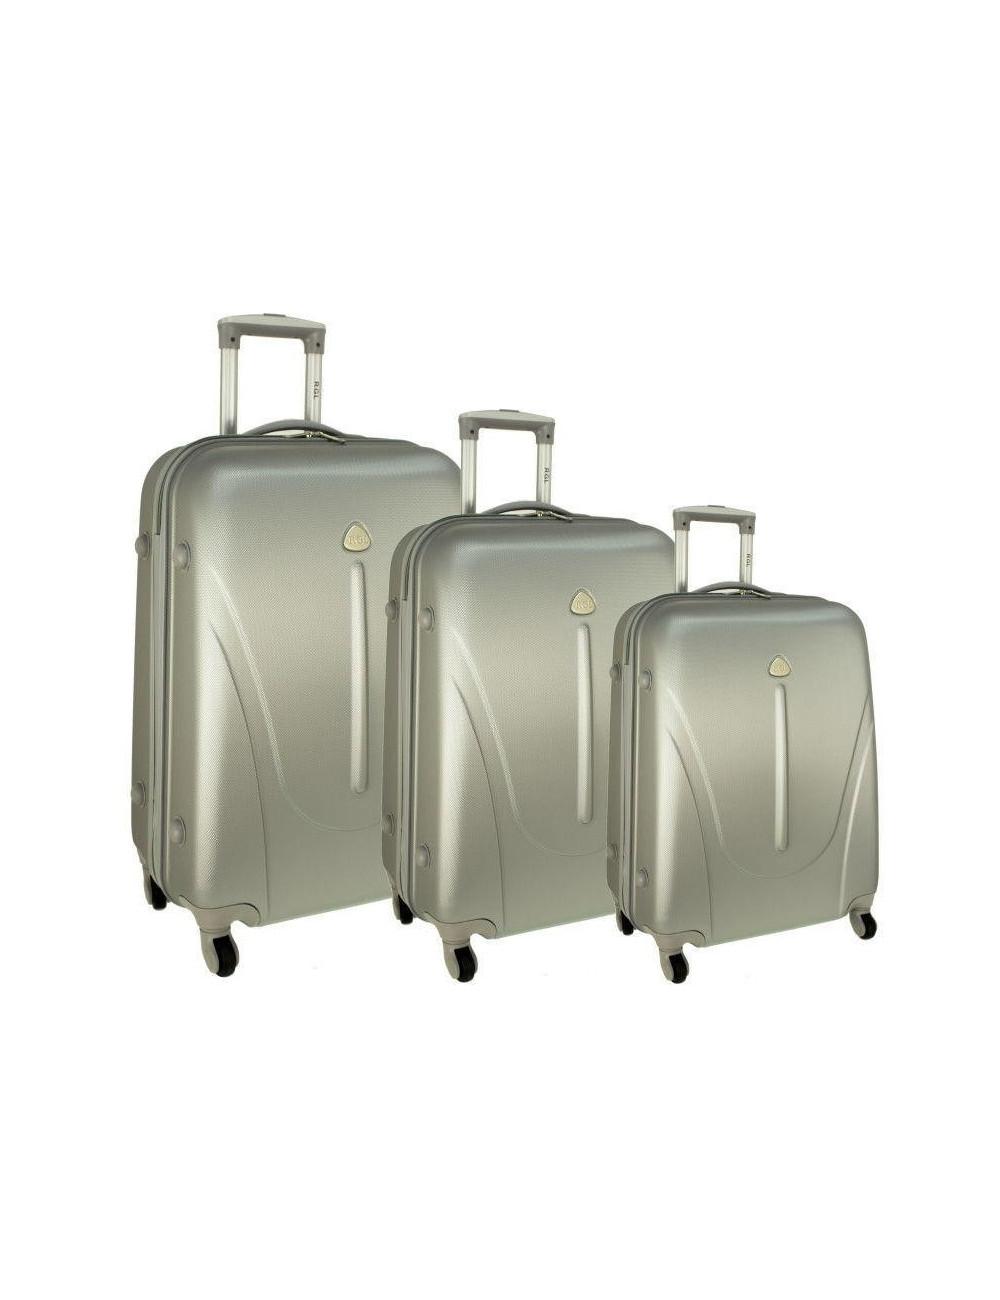 Zestaw walizek podróżnych na kółkach 883 3w1 RGL - srebrnych